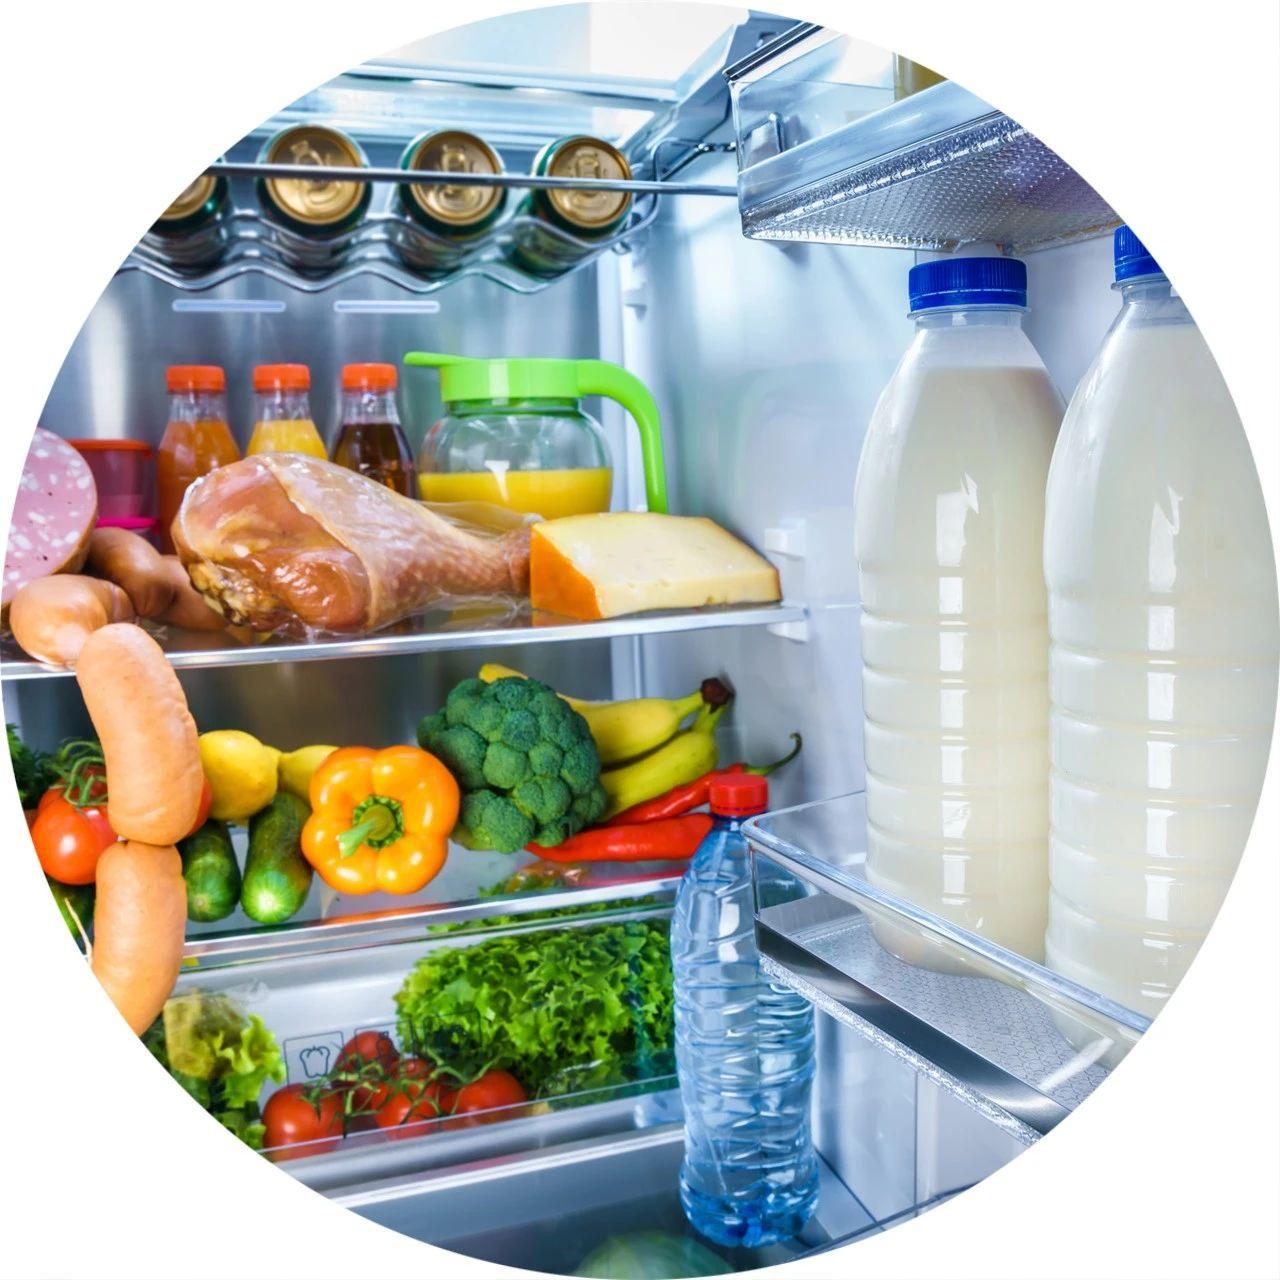 """家里的这些""""细菌窝"""",赶紧及时清洁!90%的人都忽略了,几乎家家中招~"""